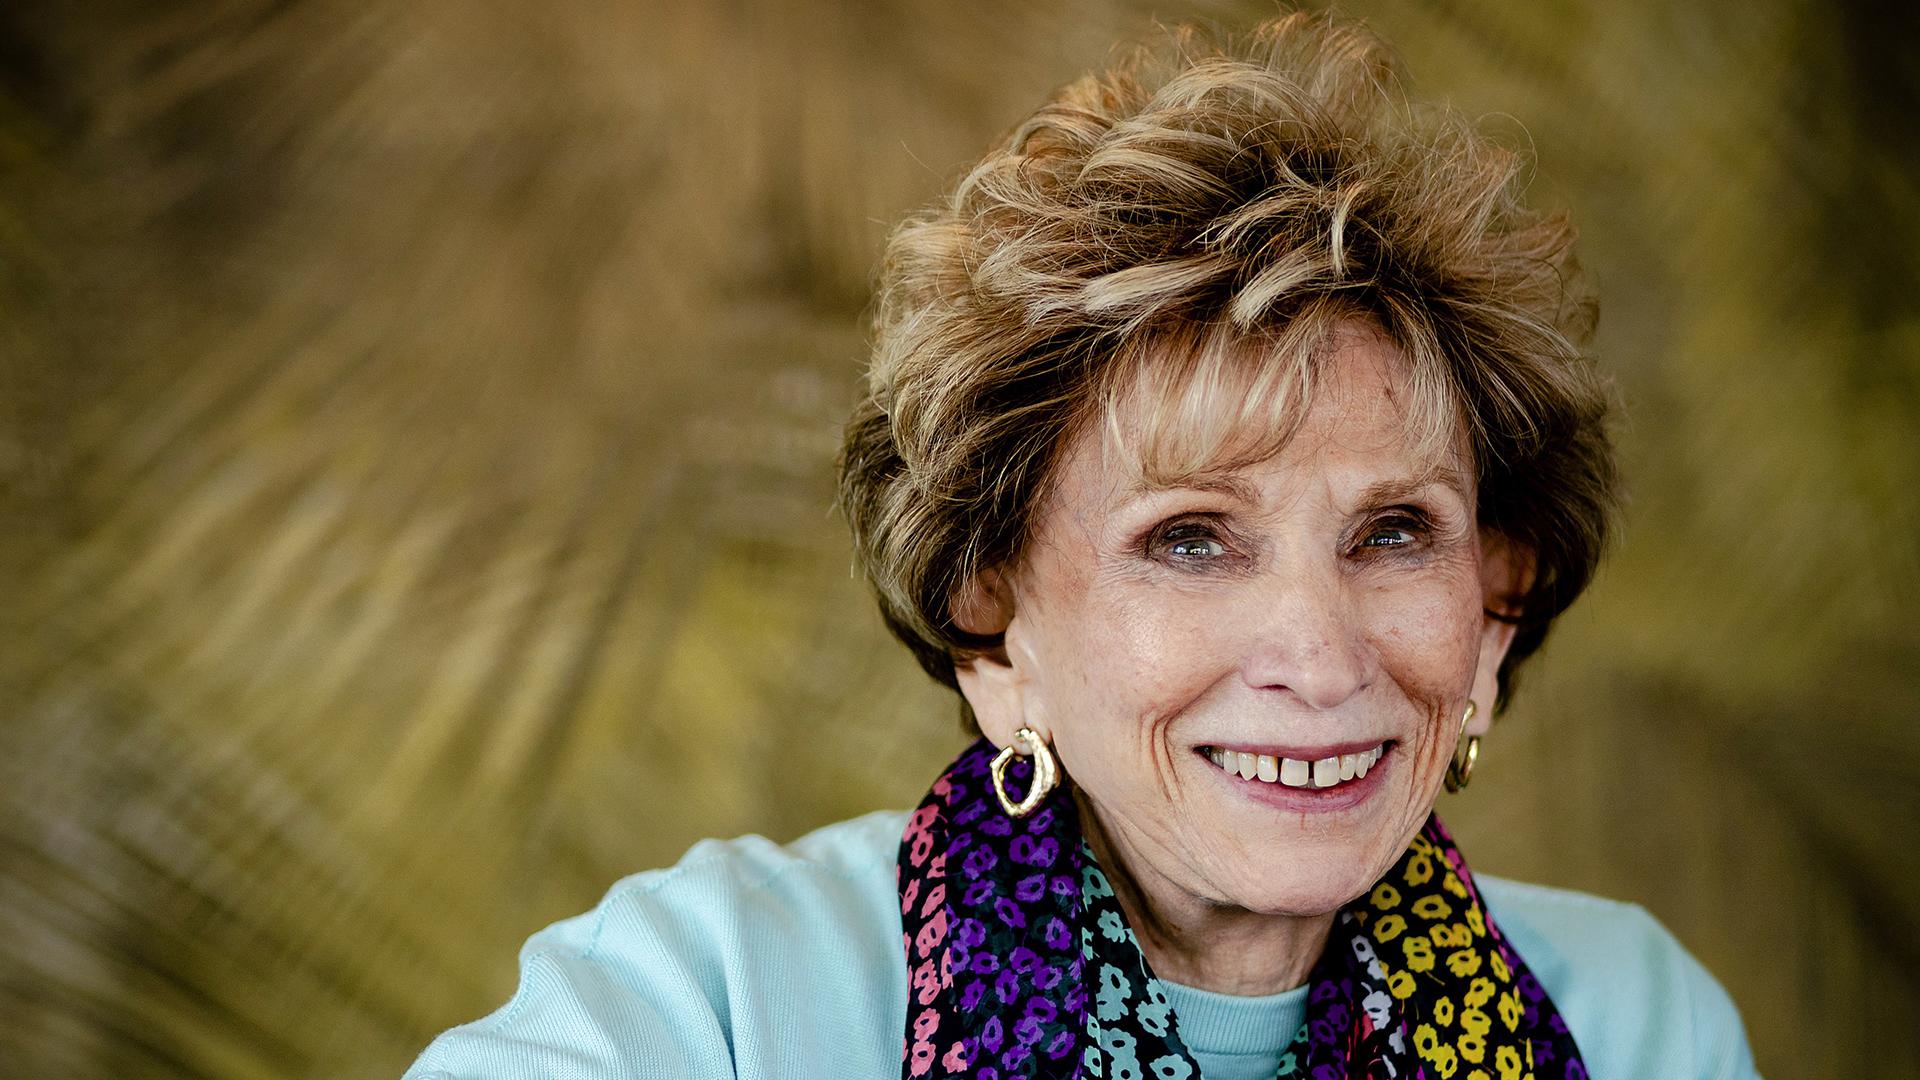 Íme a 93 éves Edith Eva Eger tanácsai a szerelemről